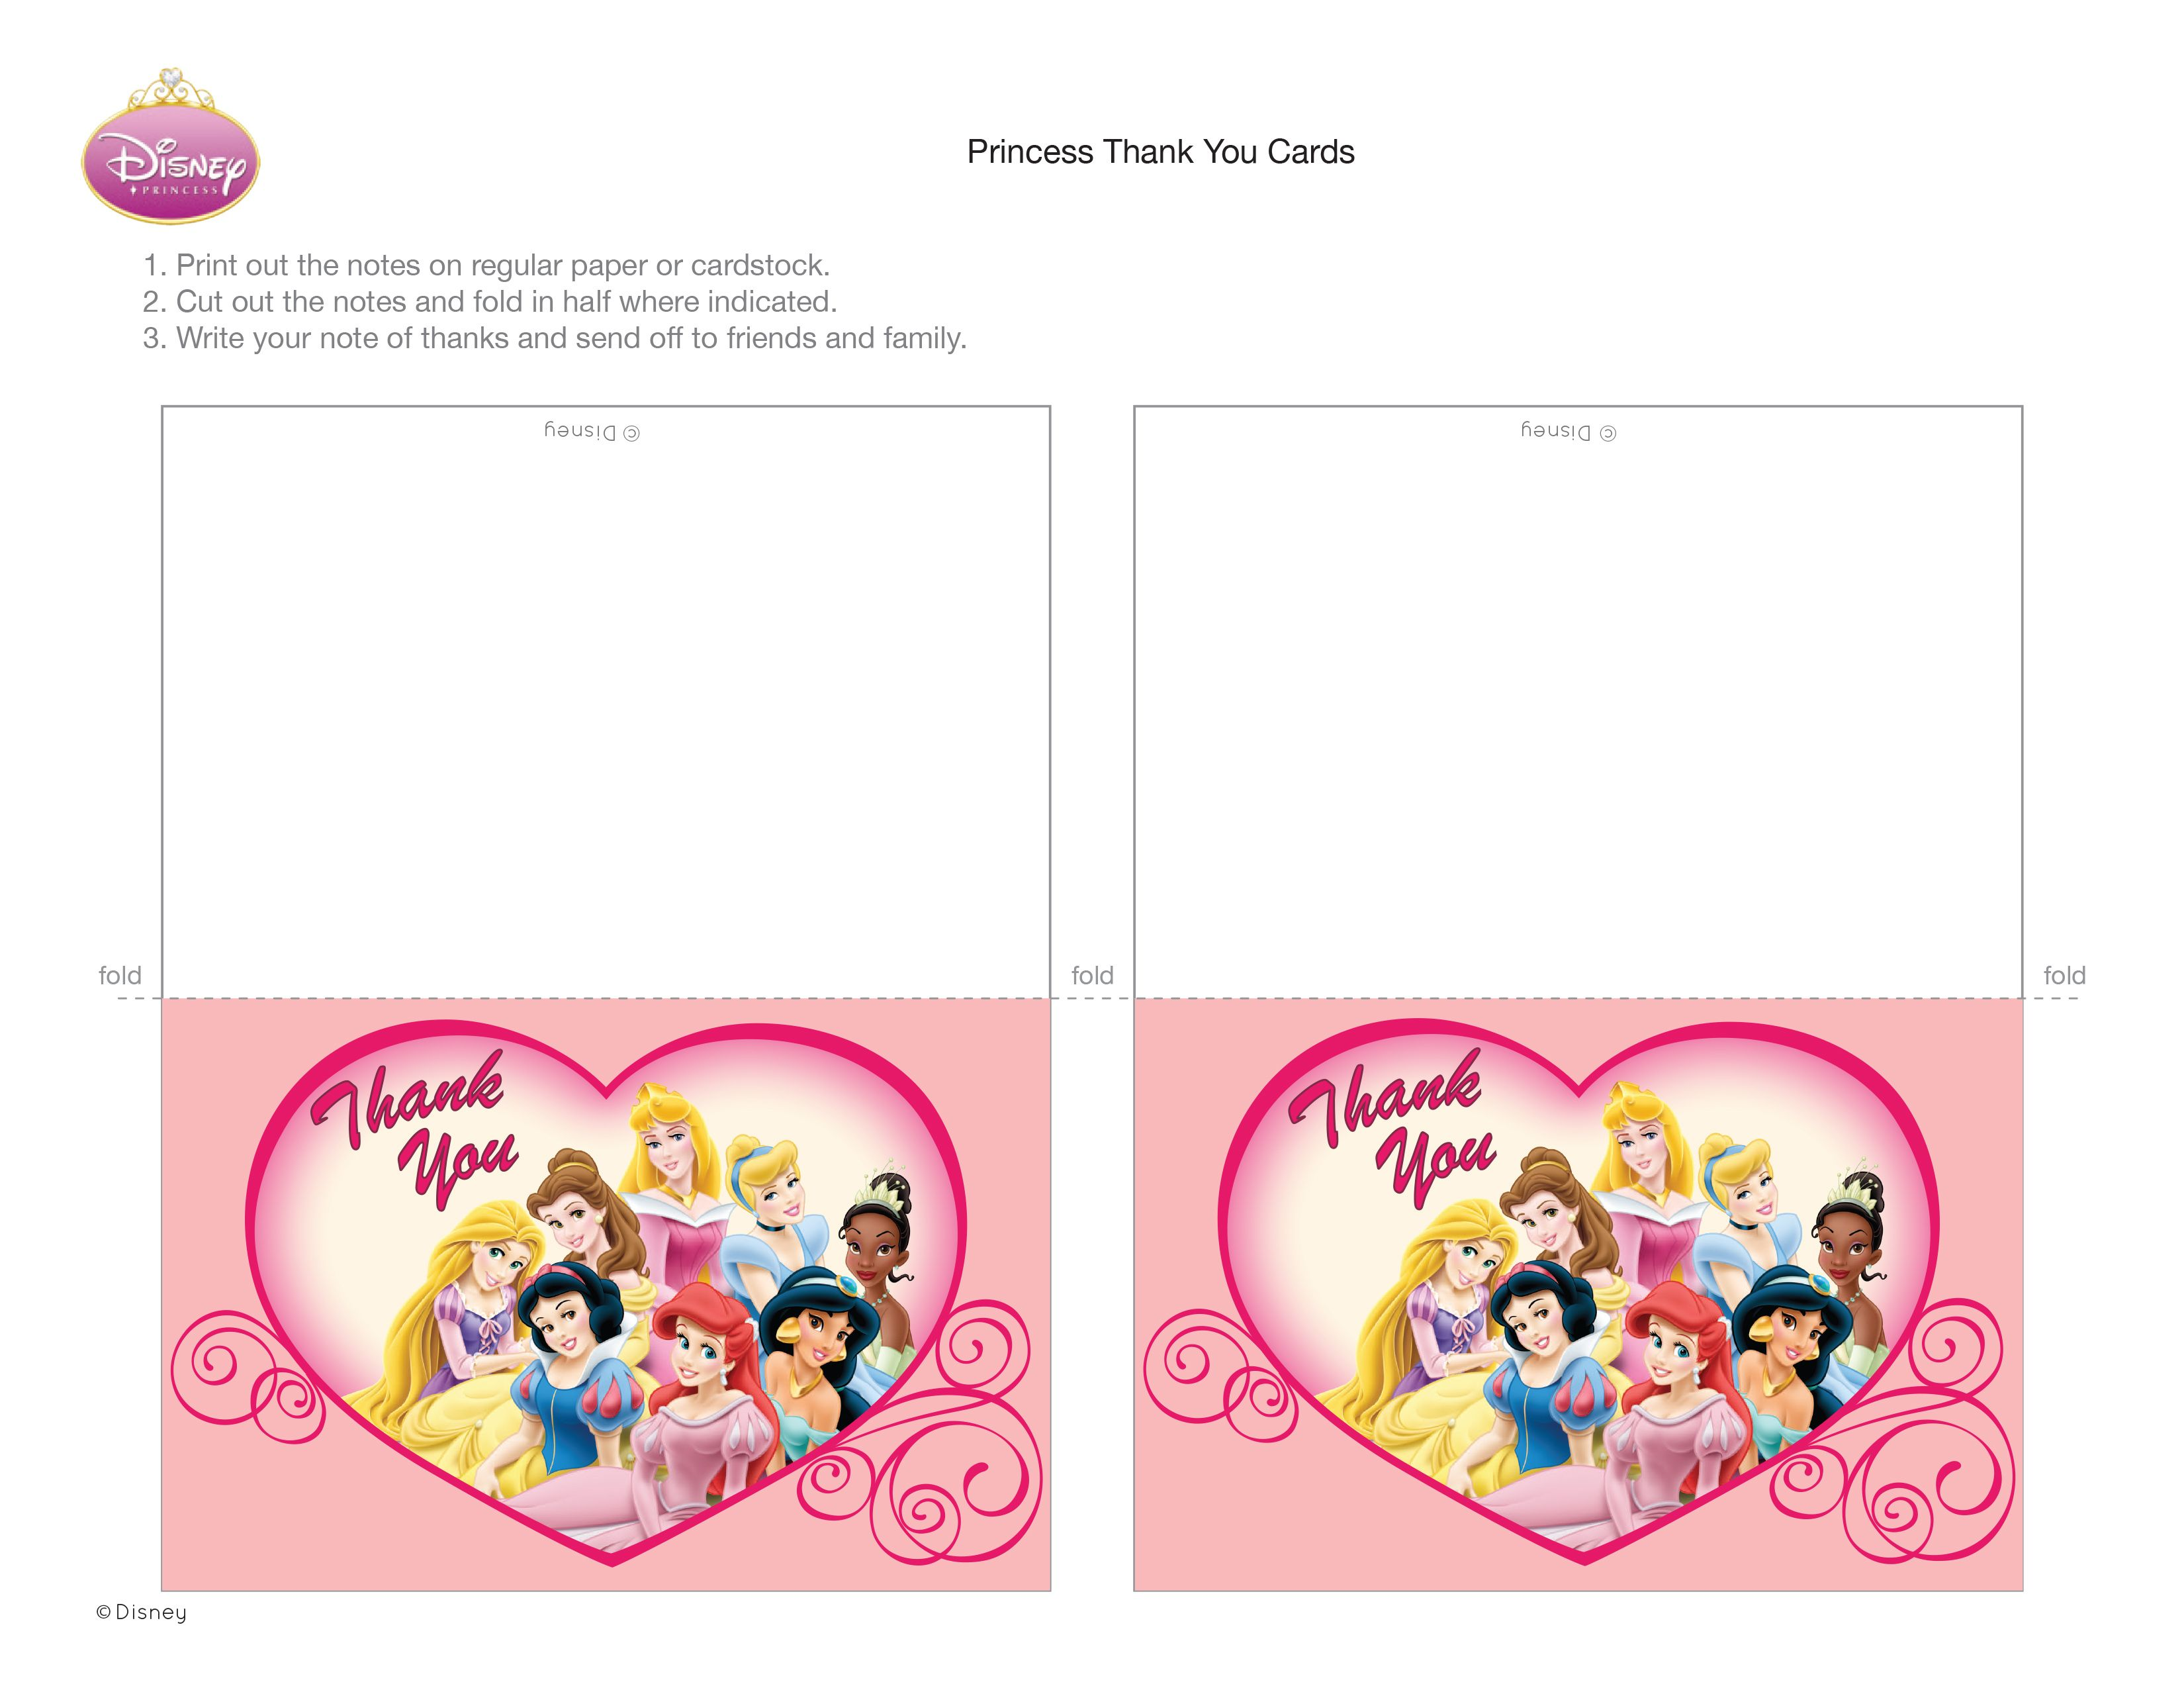 Disney Princess Thank You Cards  Royal Court Princess And